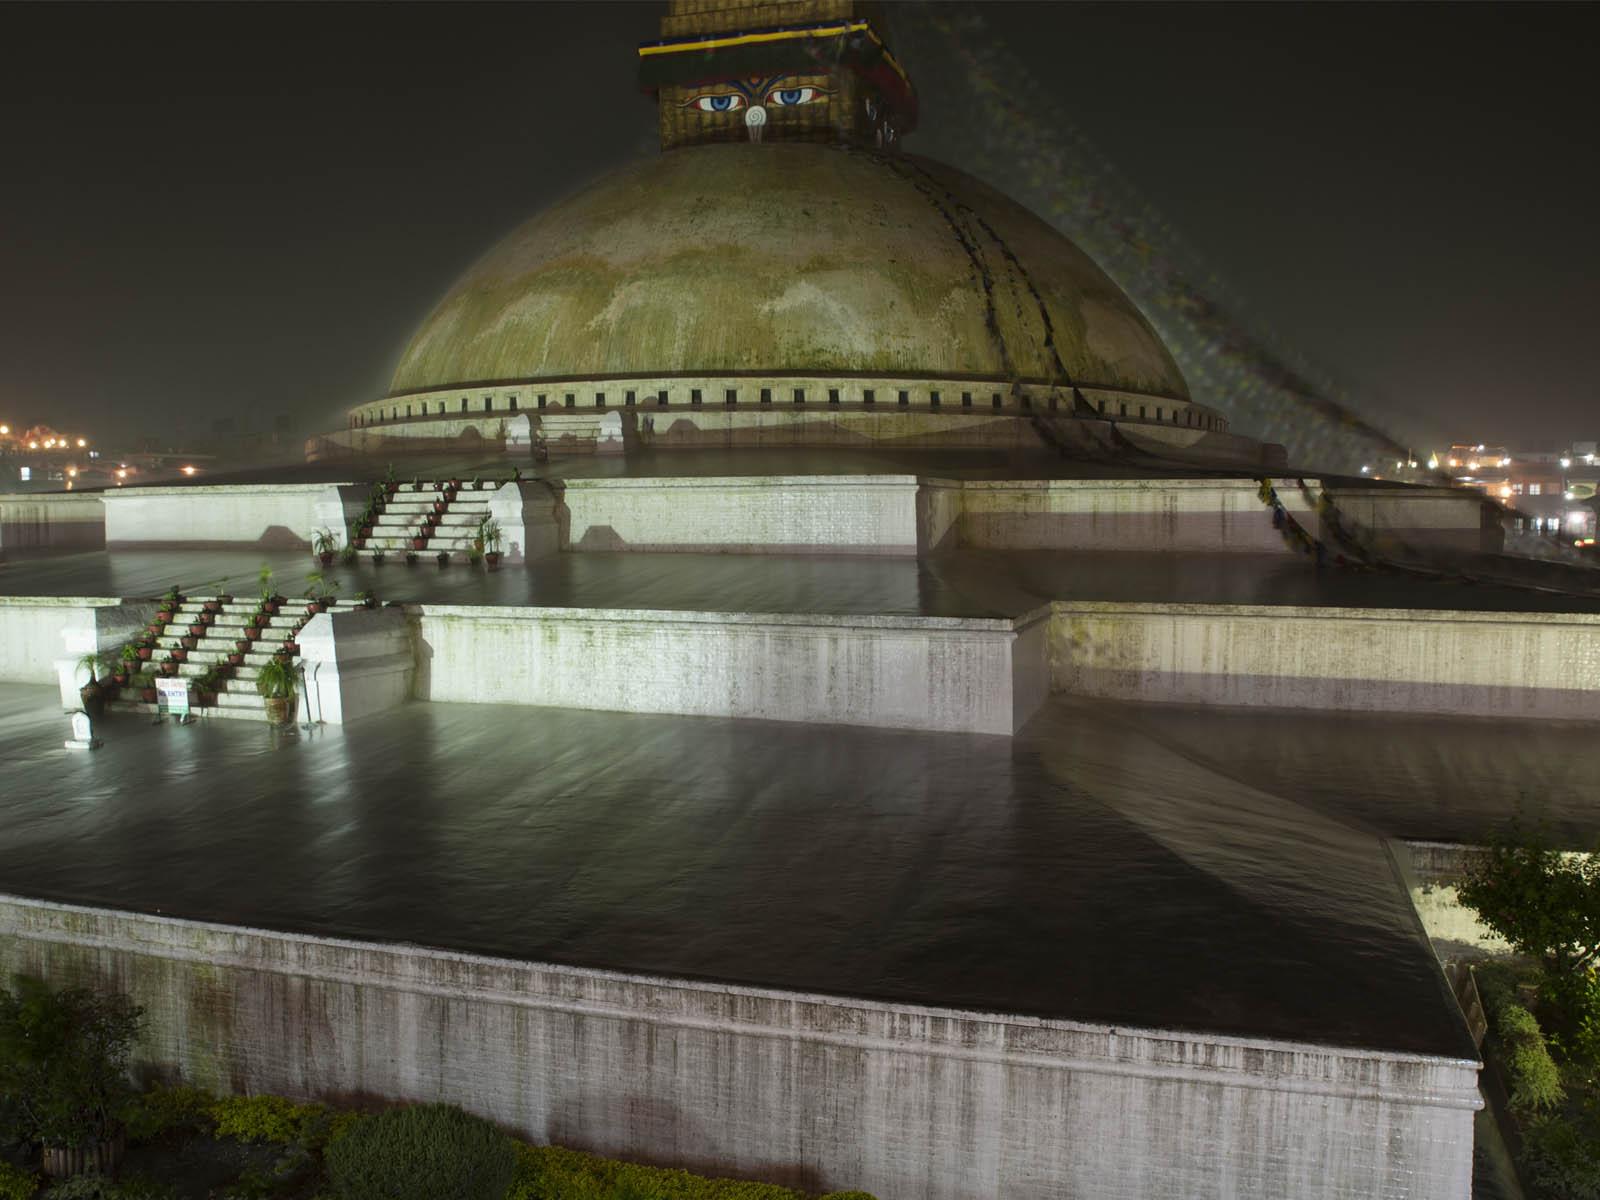 In monsoon season, when it rains – it pours!